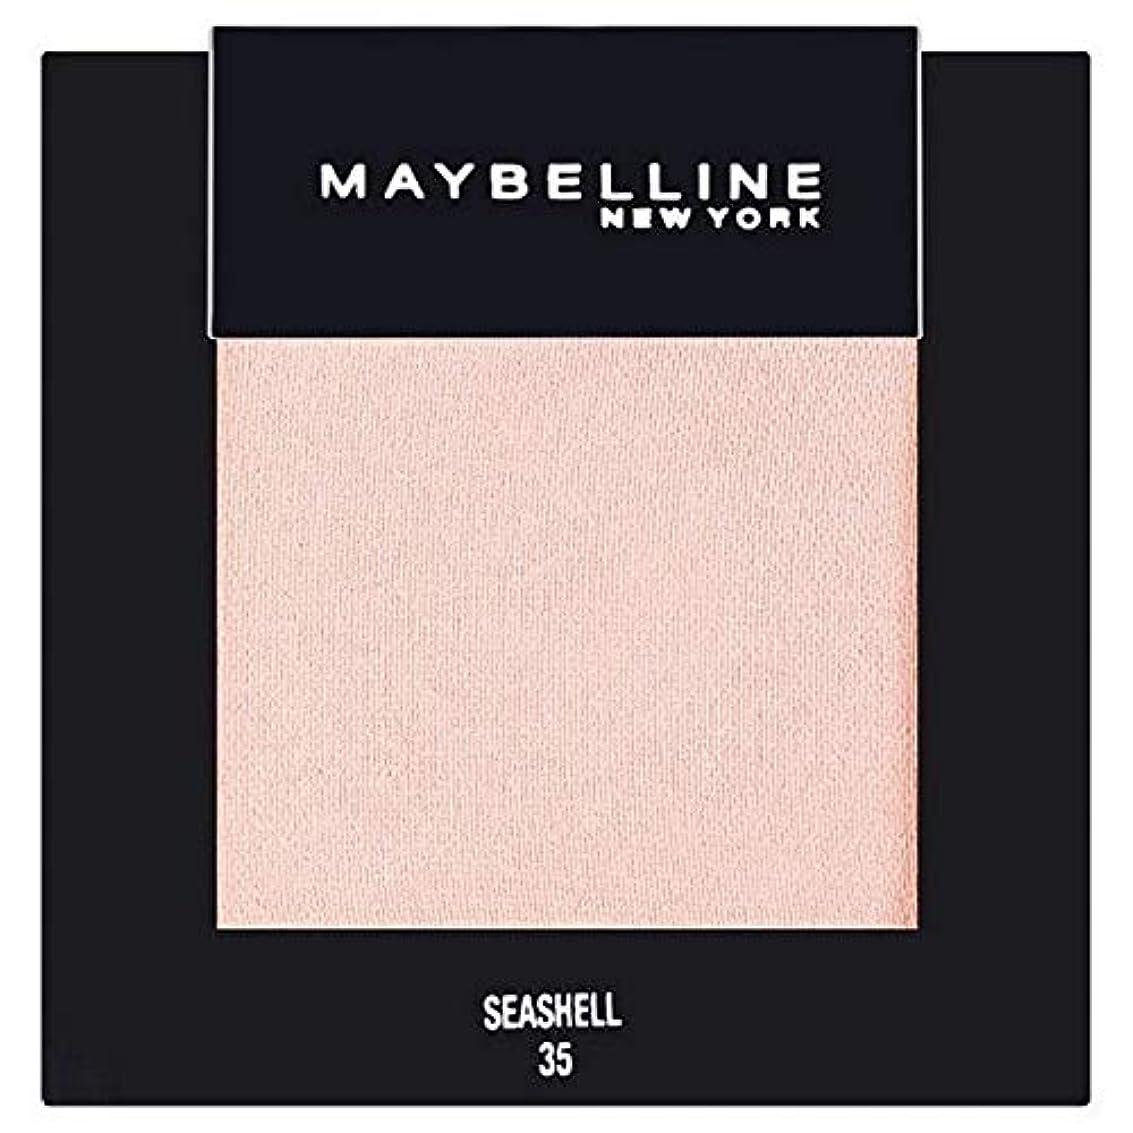 アイデア不当九[Maybelline ] メイベリンカラーショーシングルアイシャドウ35貝殻 - Maybelline Color Show Single Eyeshadow 35 Seashell [並行輸入品]